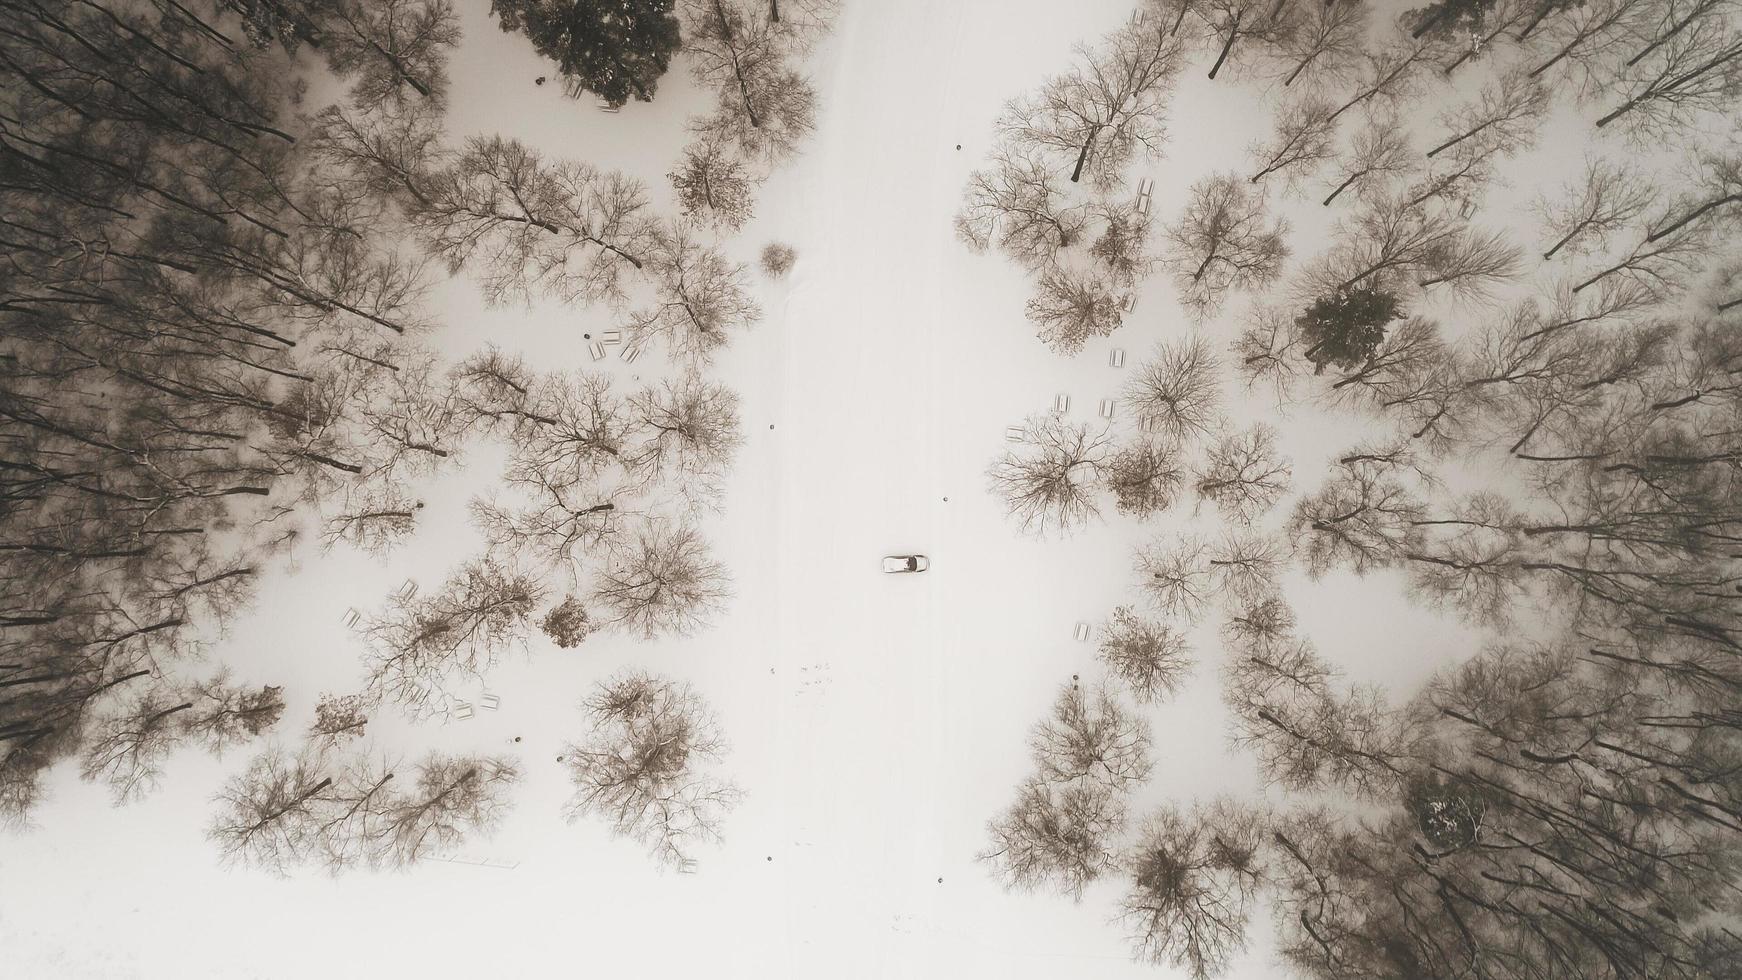 Luftaufnahme des Winterwaldes foto